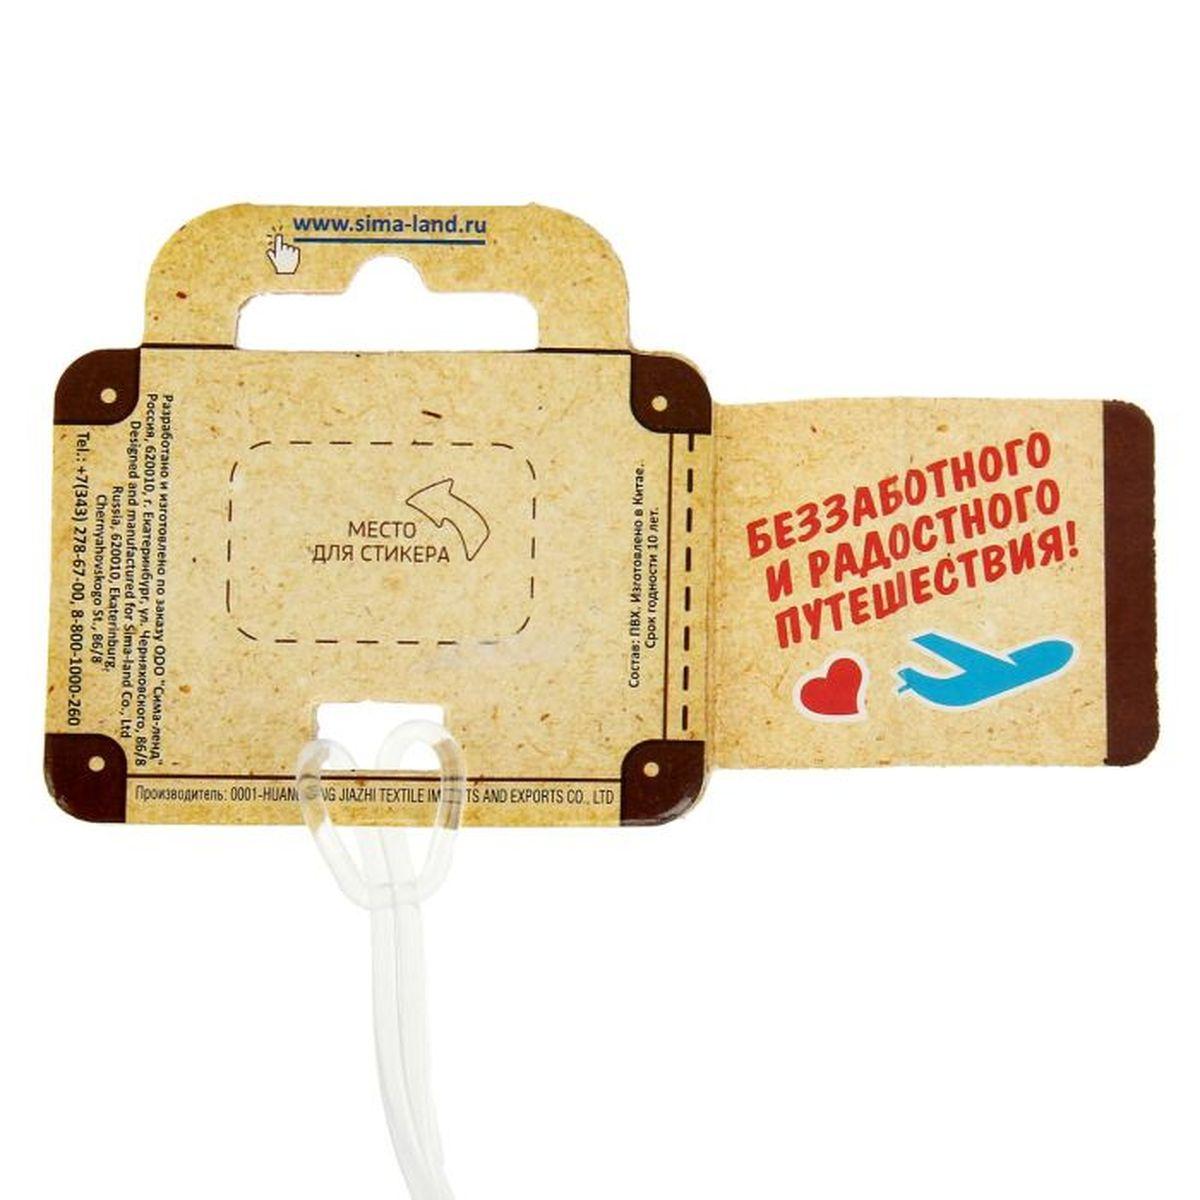 """Бирка на чемодан Sima-land """"НЗ"""", 6,5 х 11 см. 1156275"""